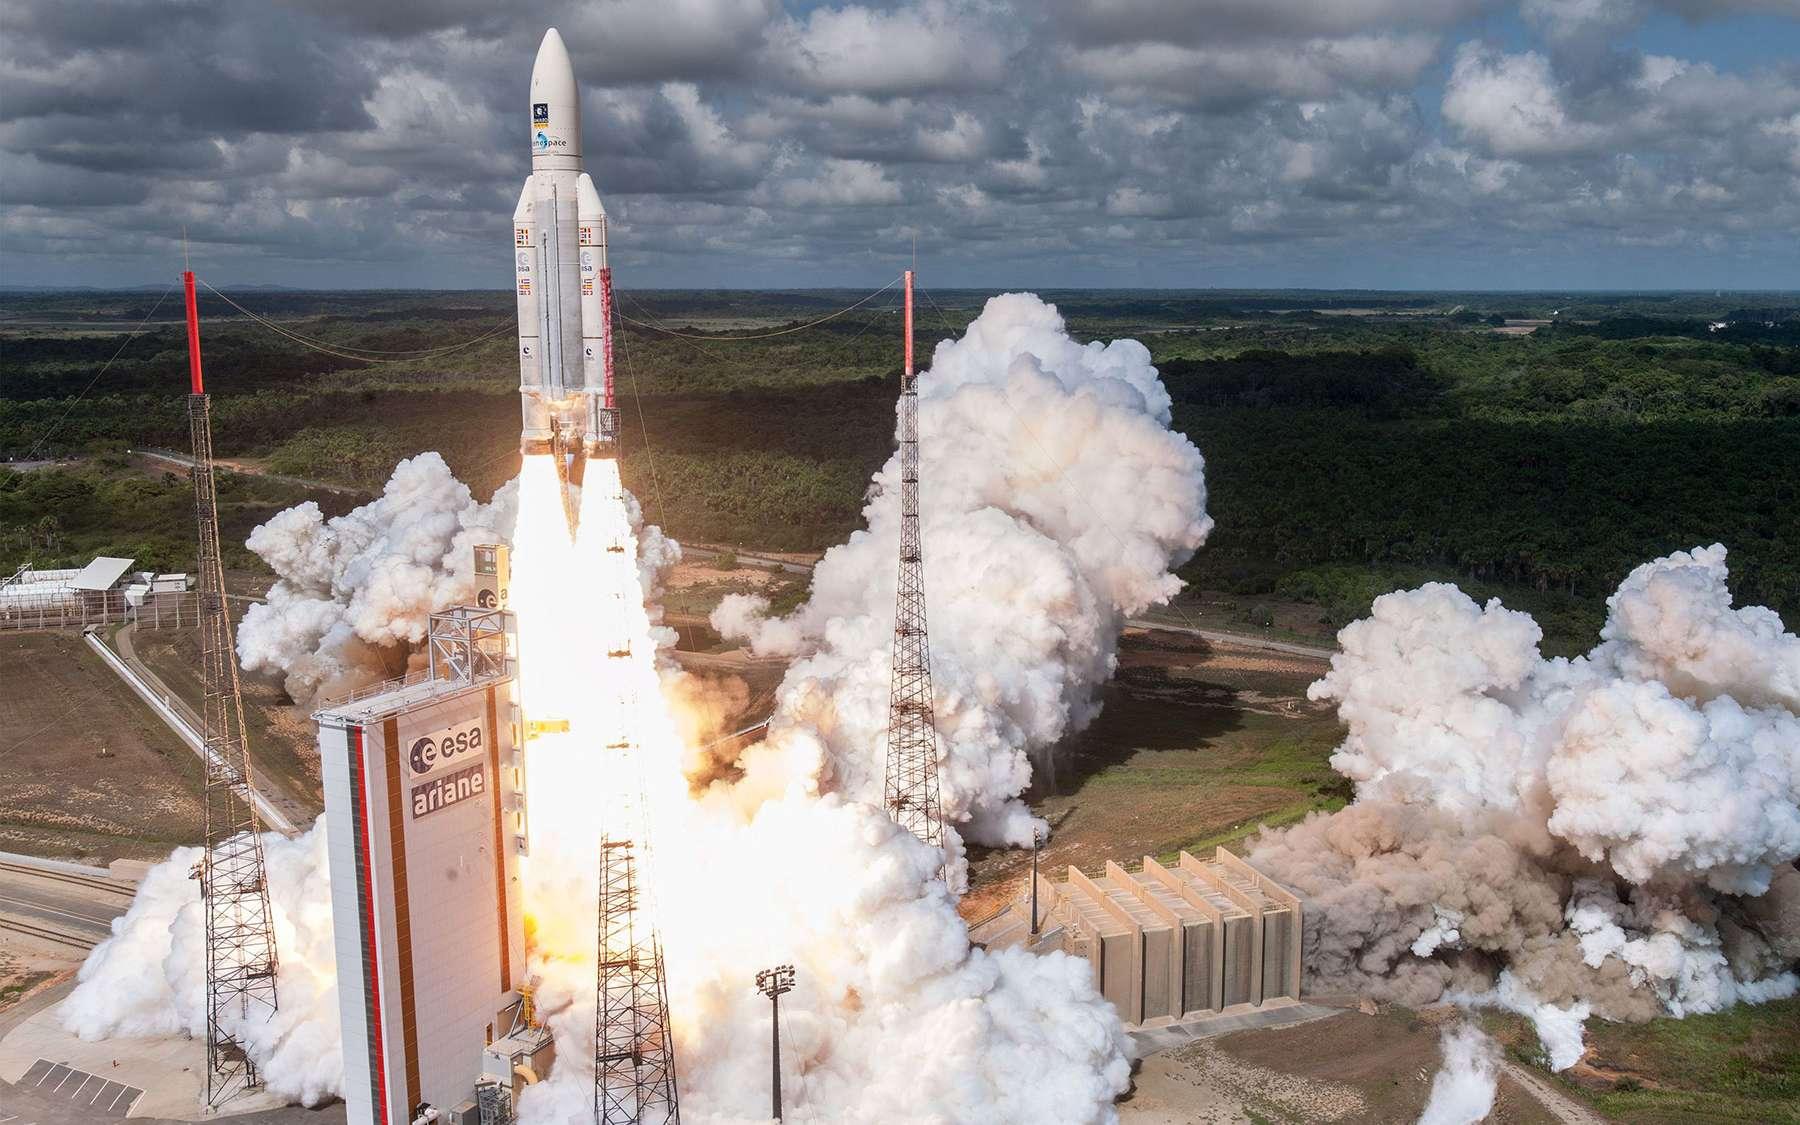 Le premier lancement de l'année 2018 d'Ariane 5 a eu lieu jeudi. Des satellites ont été lancés mais pas au bon endroit. Ici, une Ariane 5 ES, c'est-à-dire sans l'étage supérieur ECA, au décollage, avec à son bord quatre satellites de la constellation Galileo (novembre 2016). © Cnes, ESA, Arianespace, Optique Vidéo CSG, S. Martin, 2016